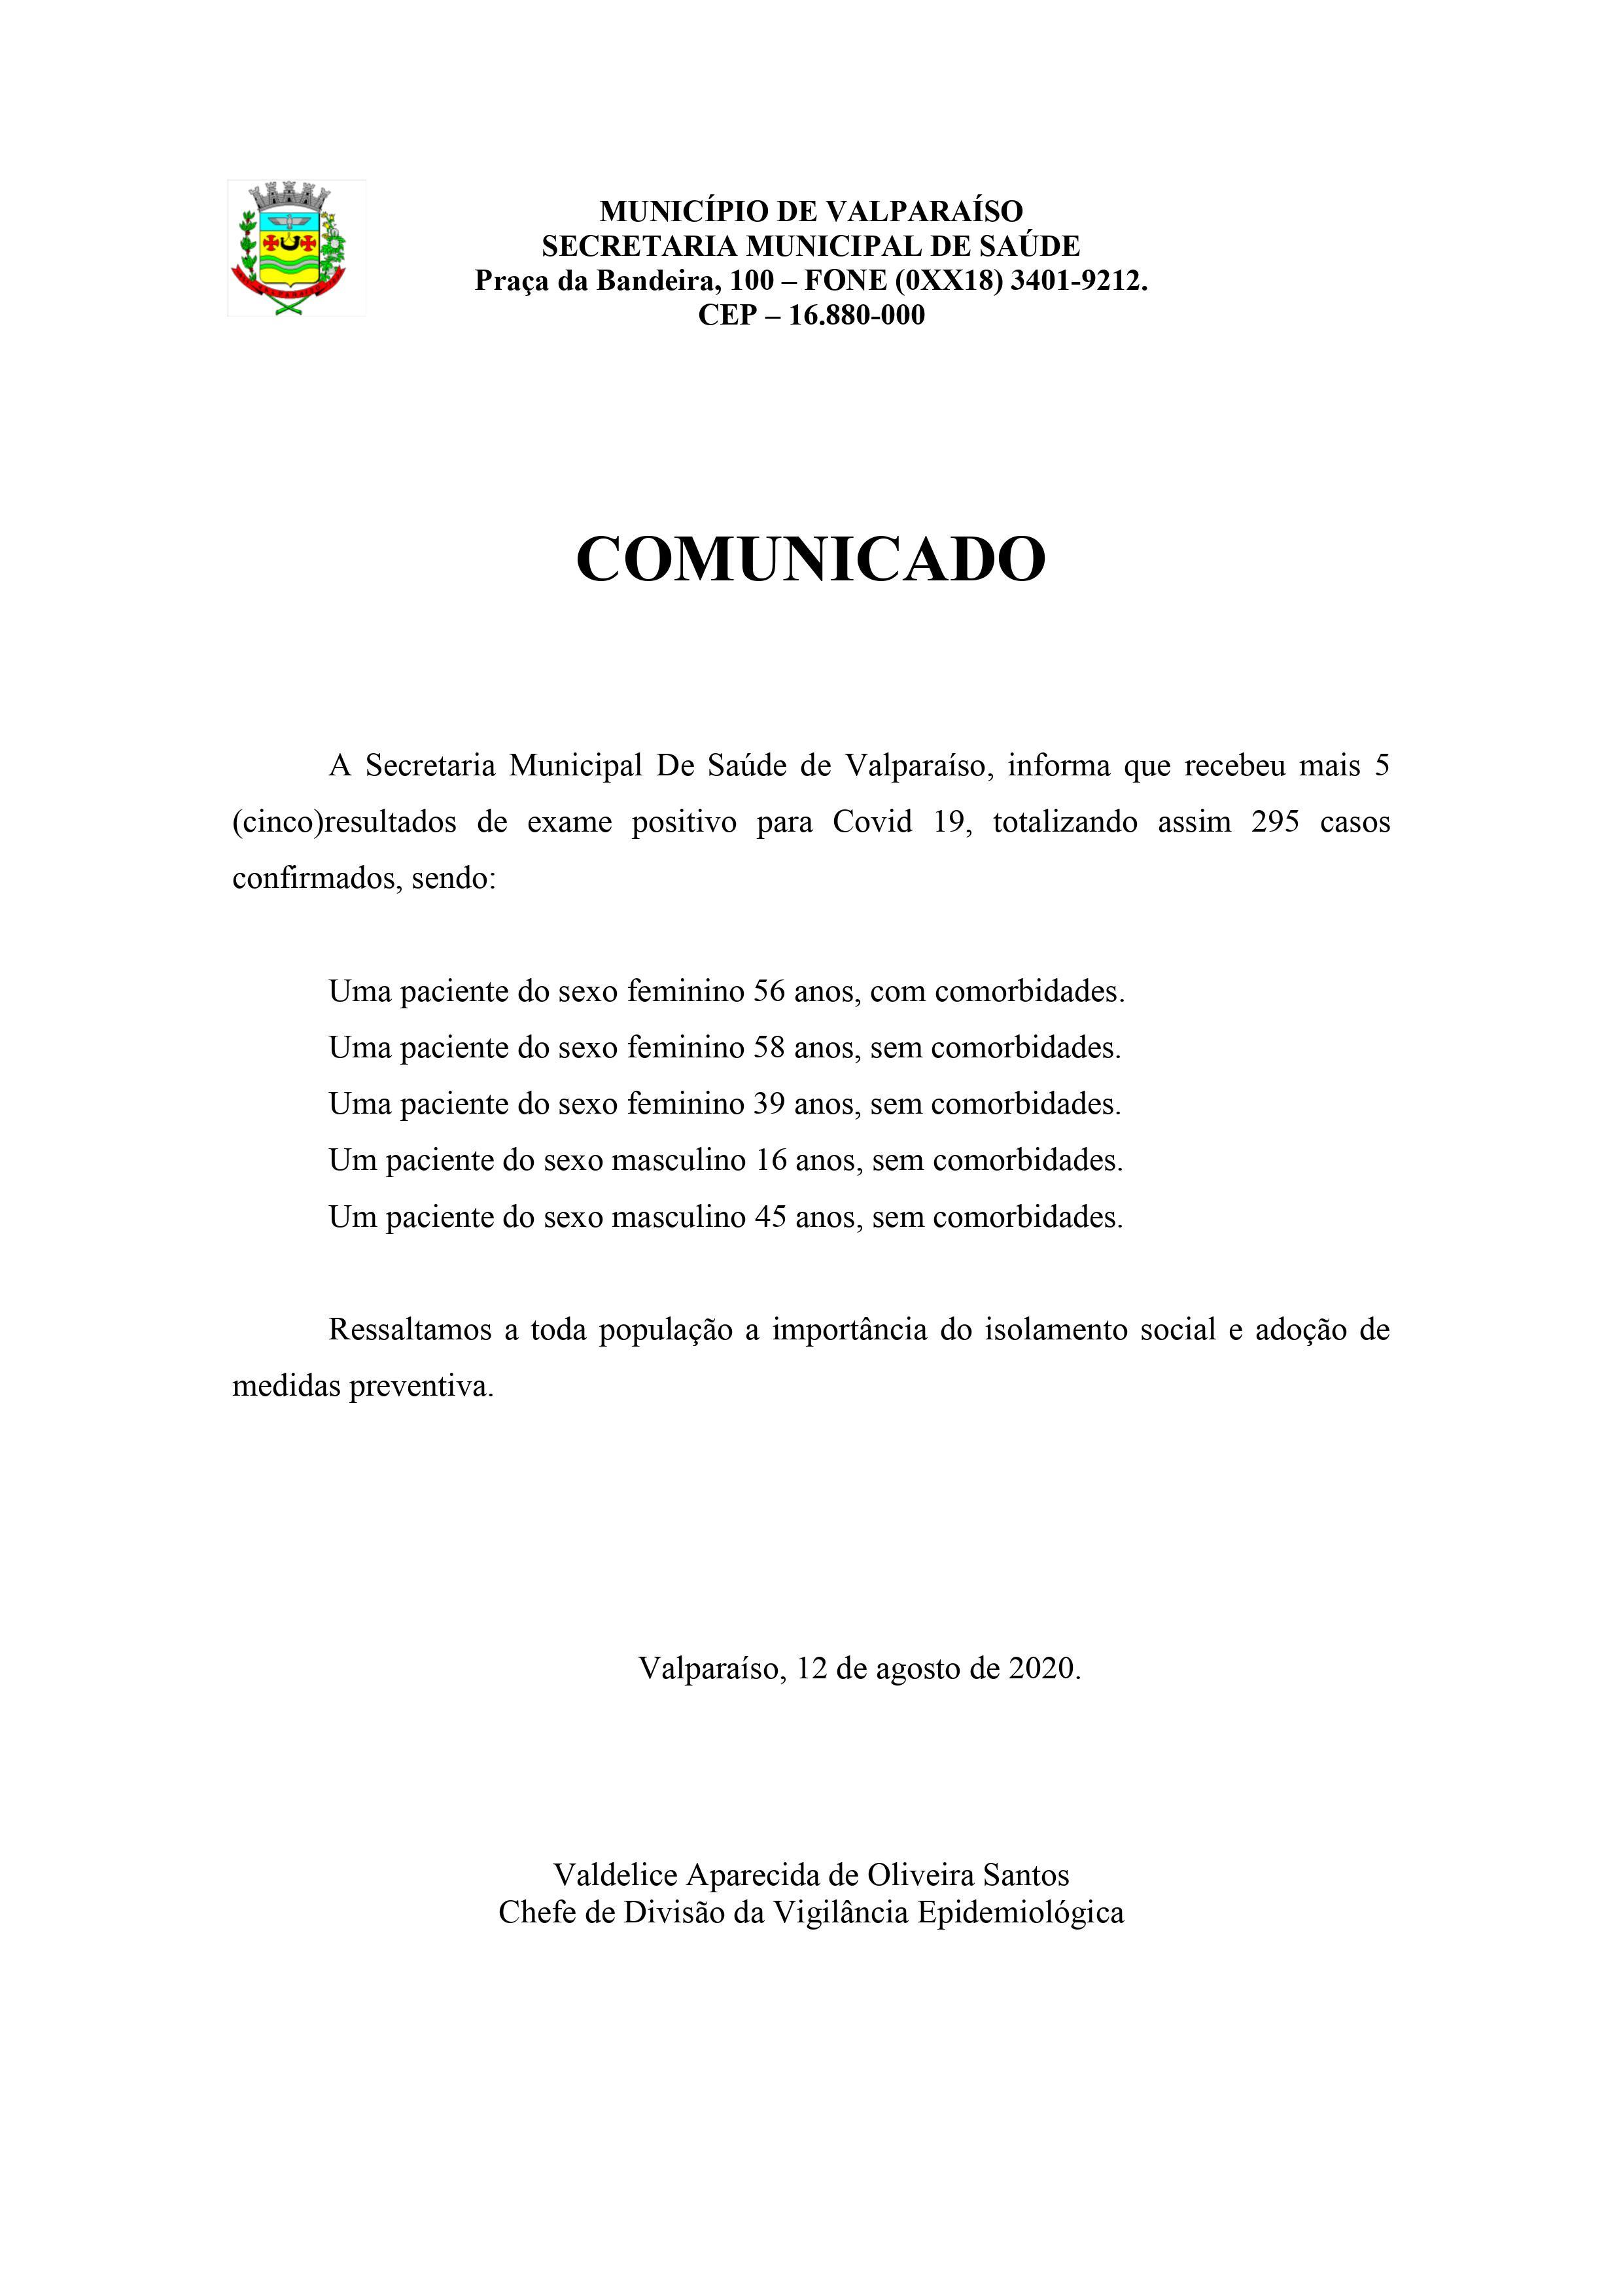 covid295